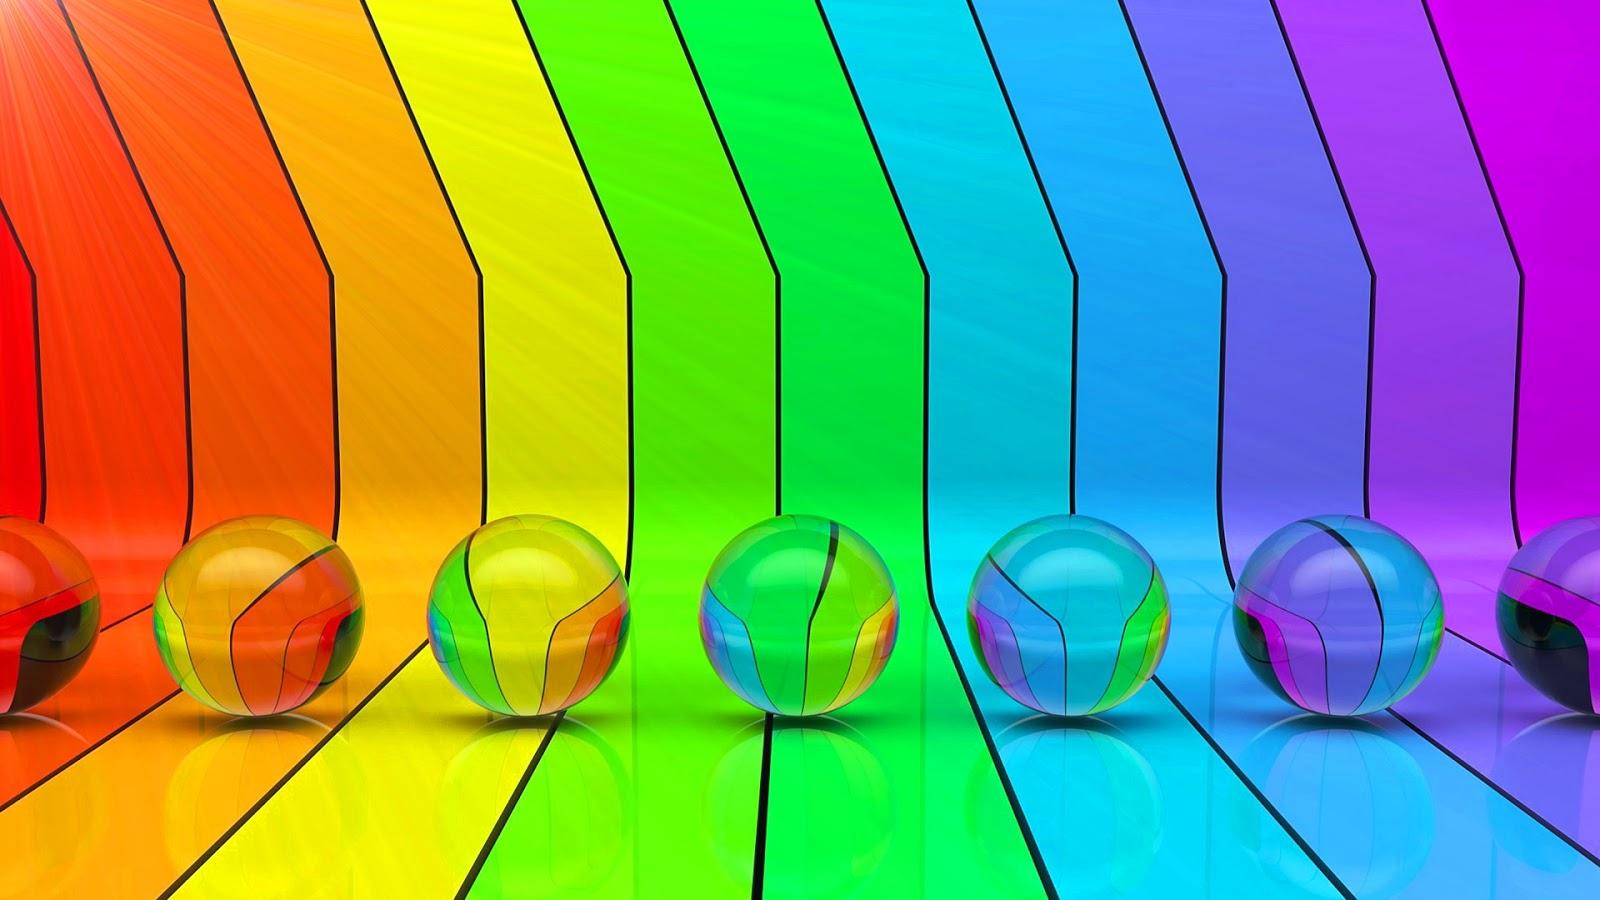 glazen knikkers en regenboog hd wallpapers